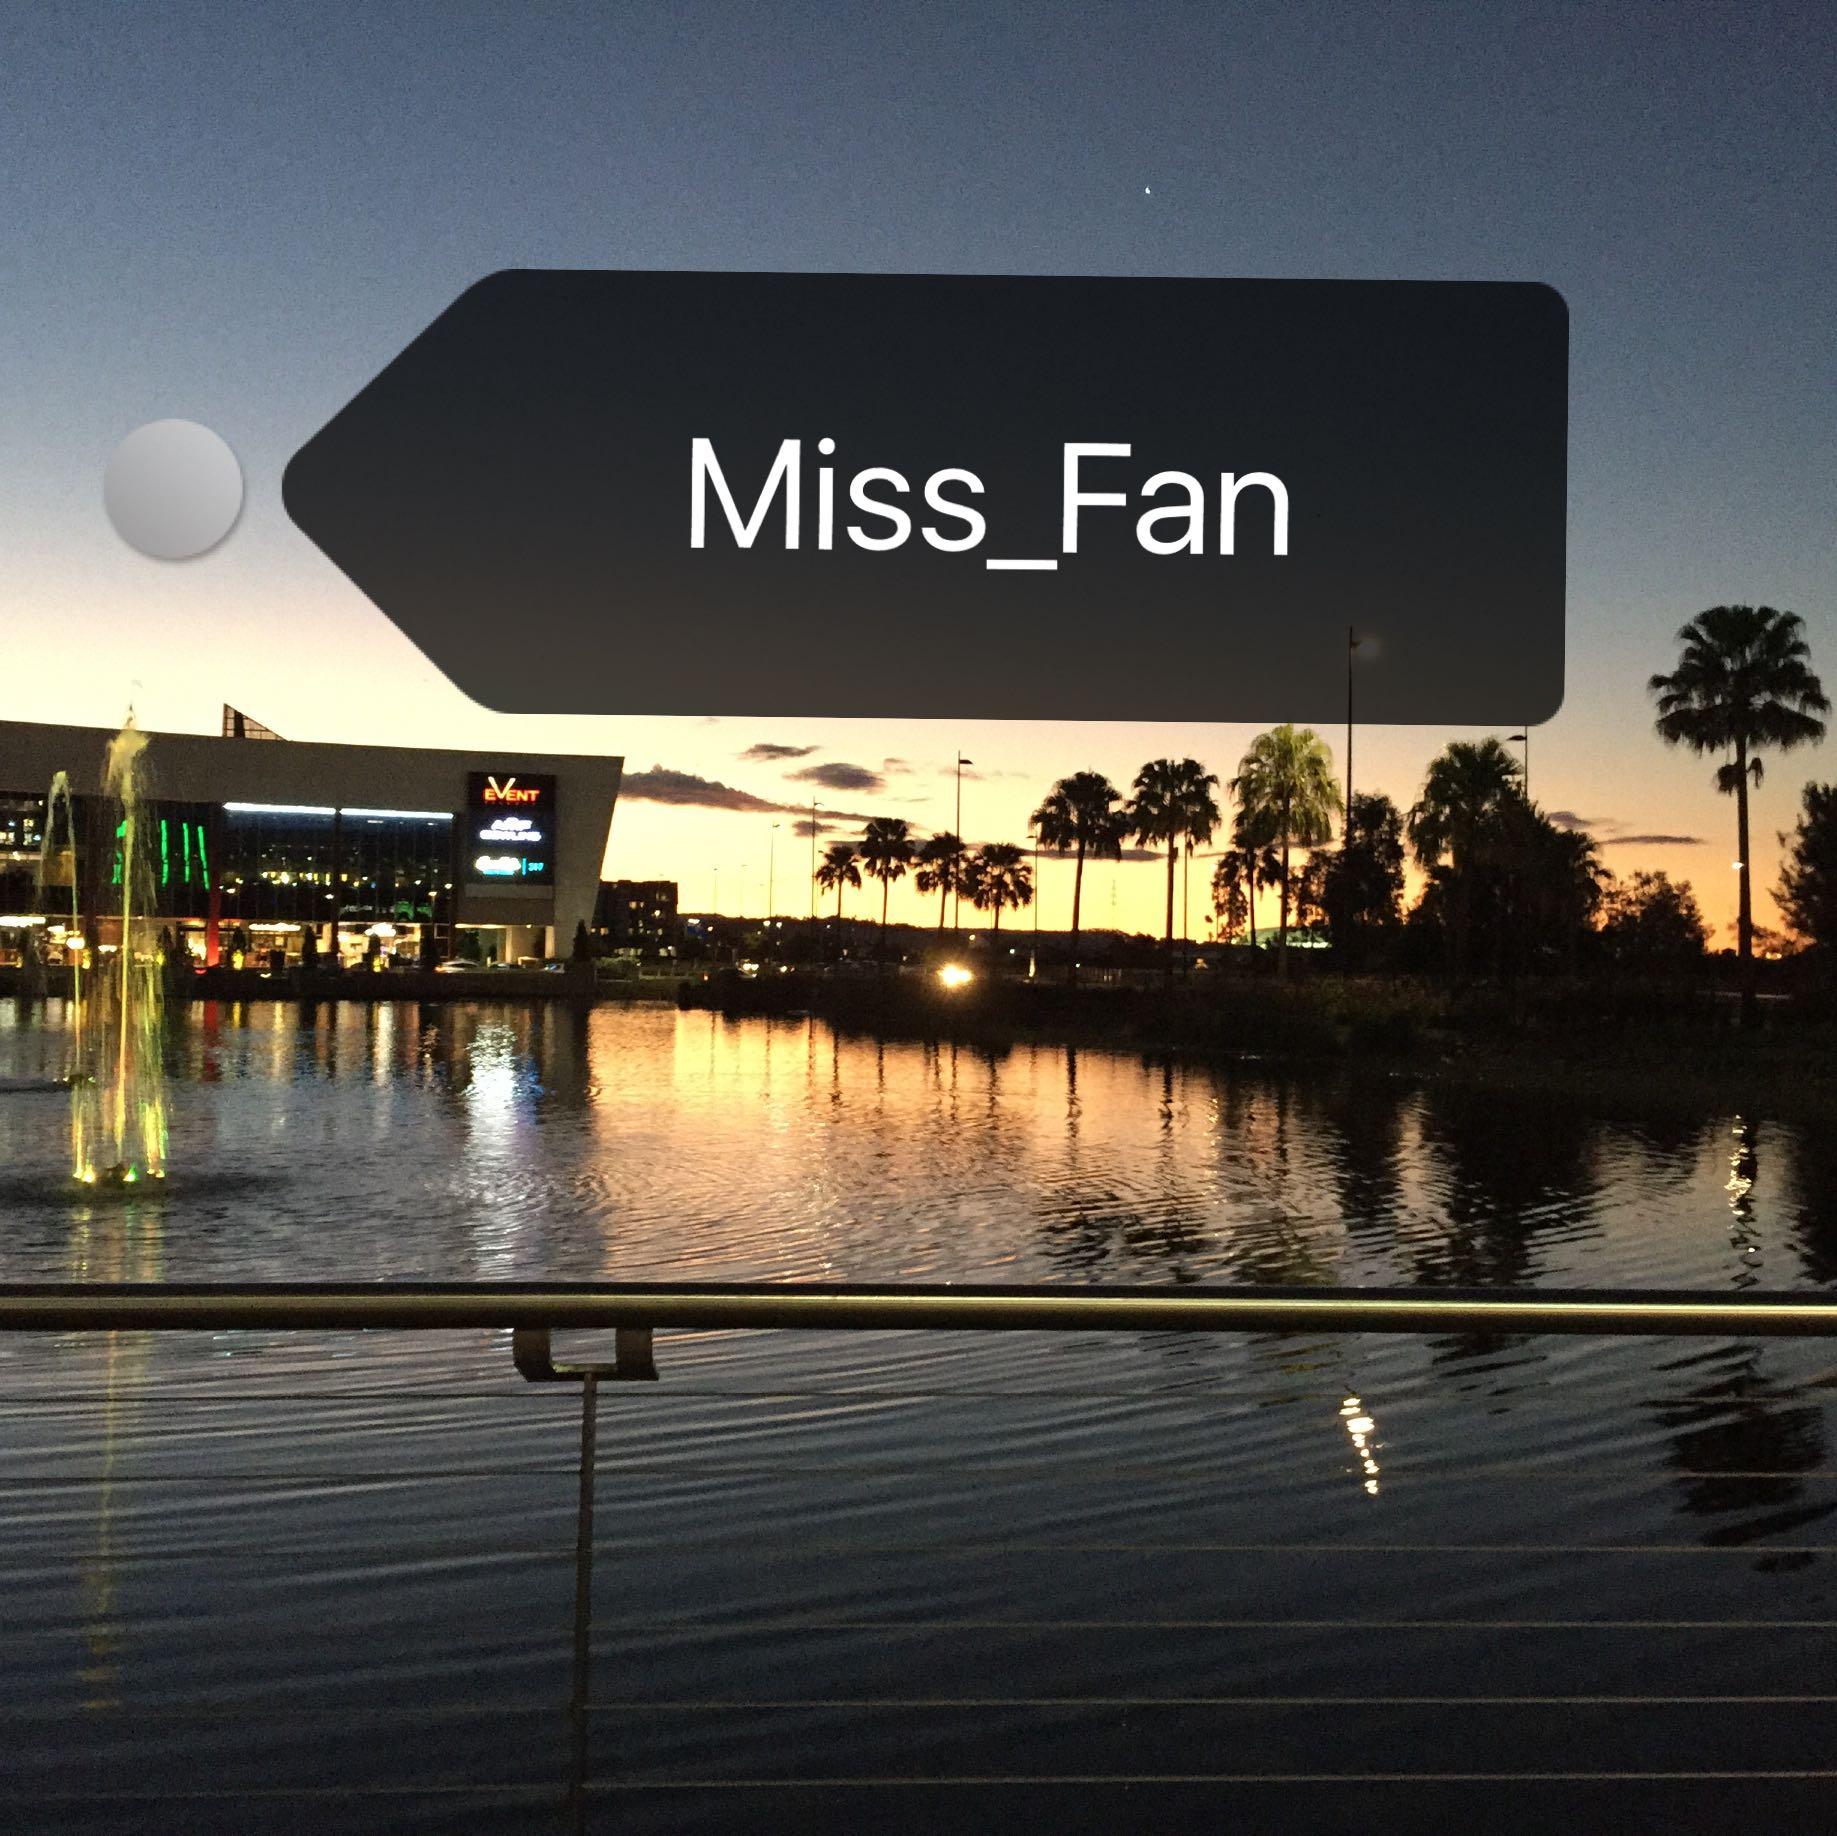 miss_fan